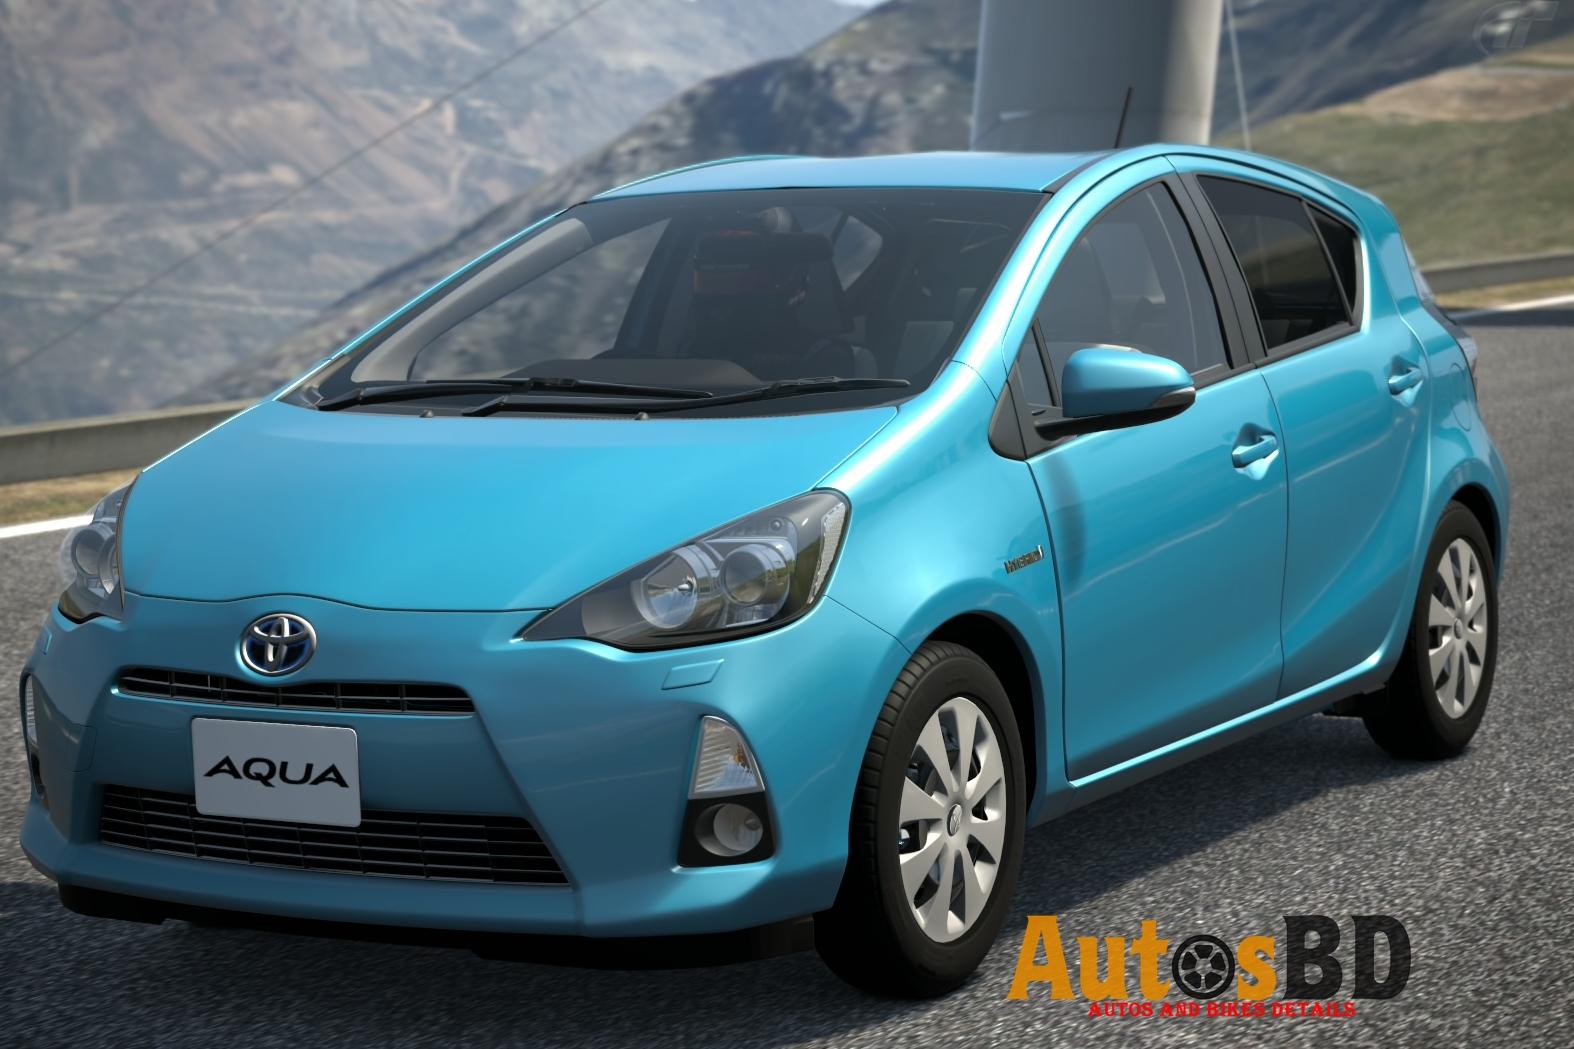 Toyota Aqua S Specification